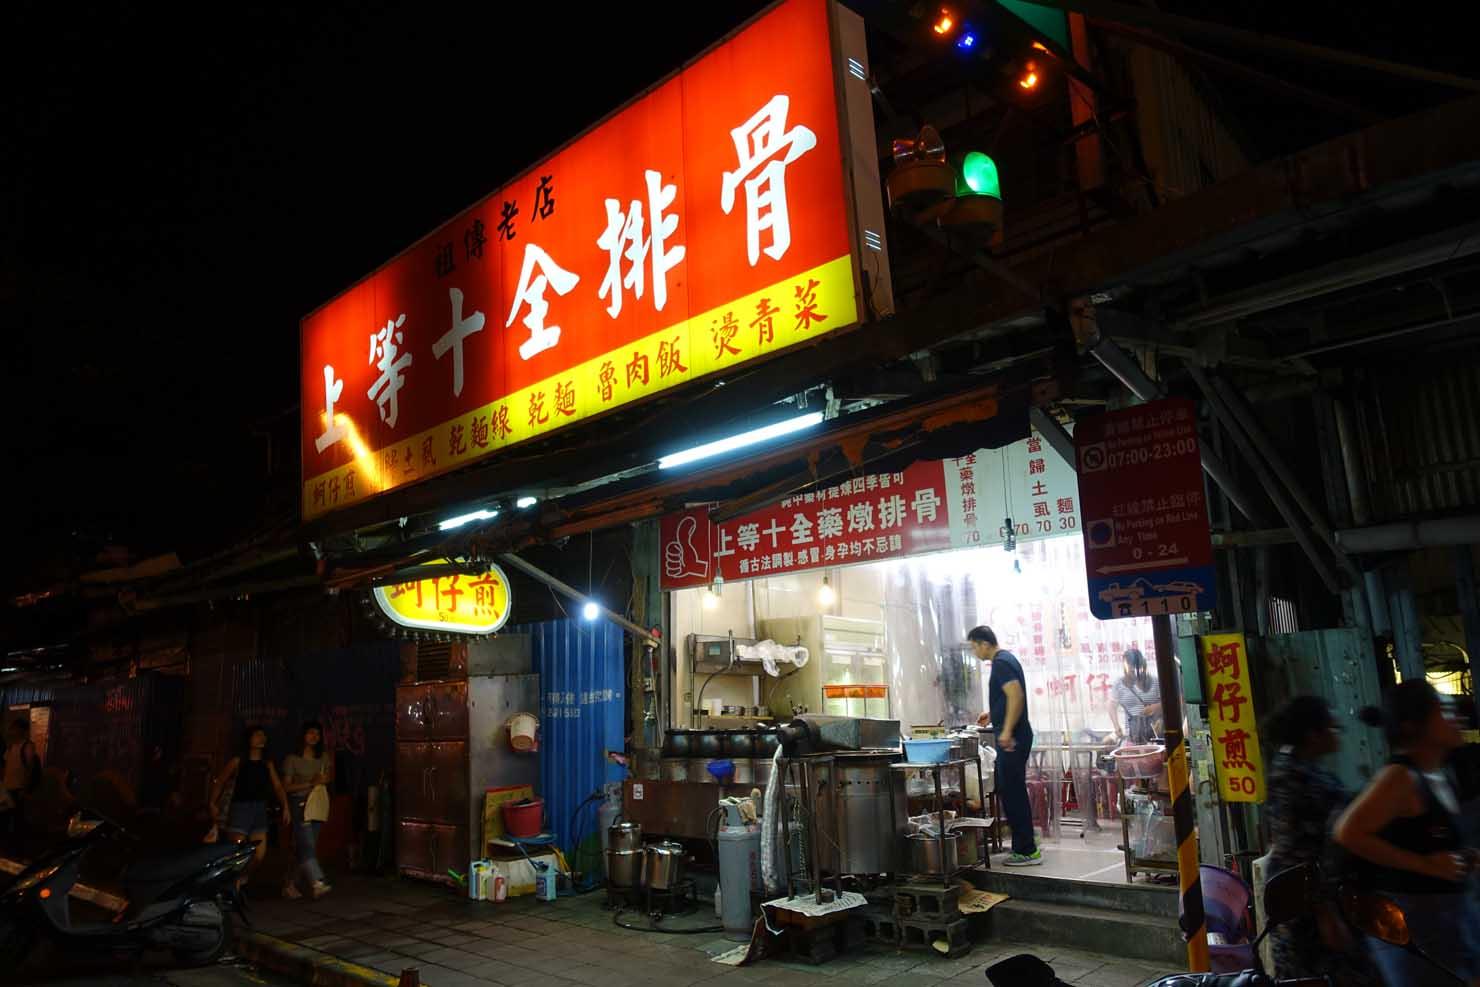 台北・士林夜市のおすすめグルメ店「上等十全排骨」の外観